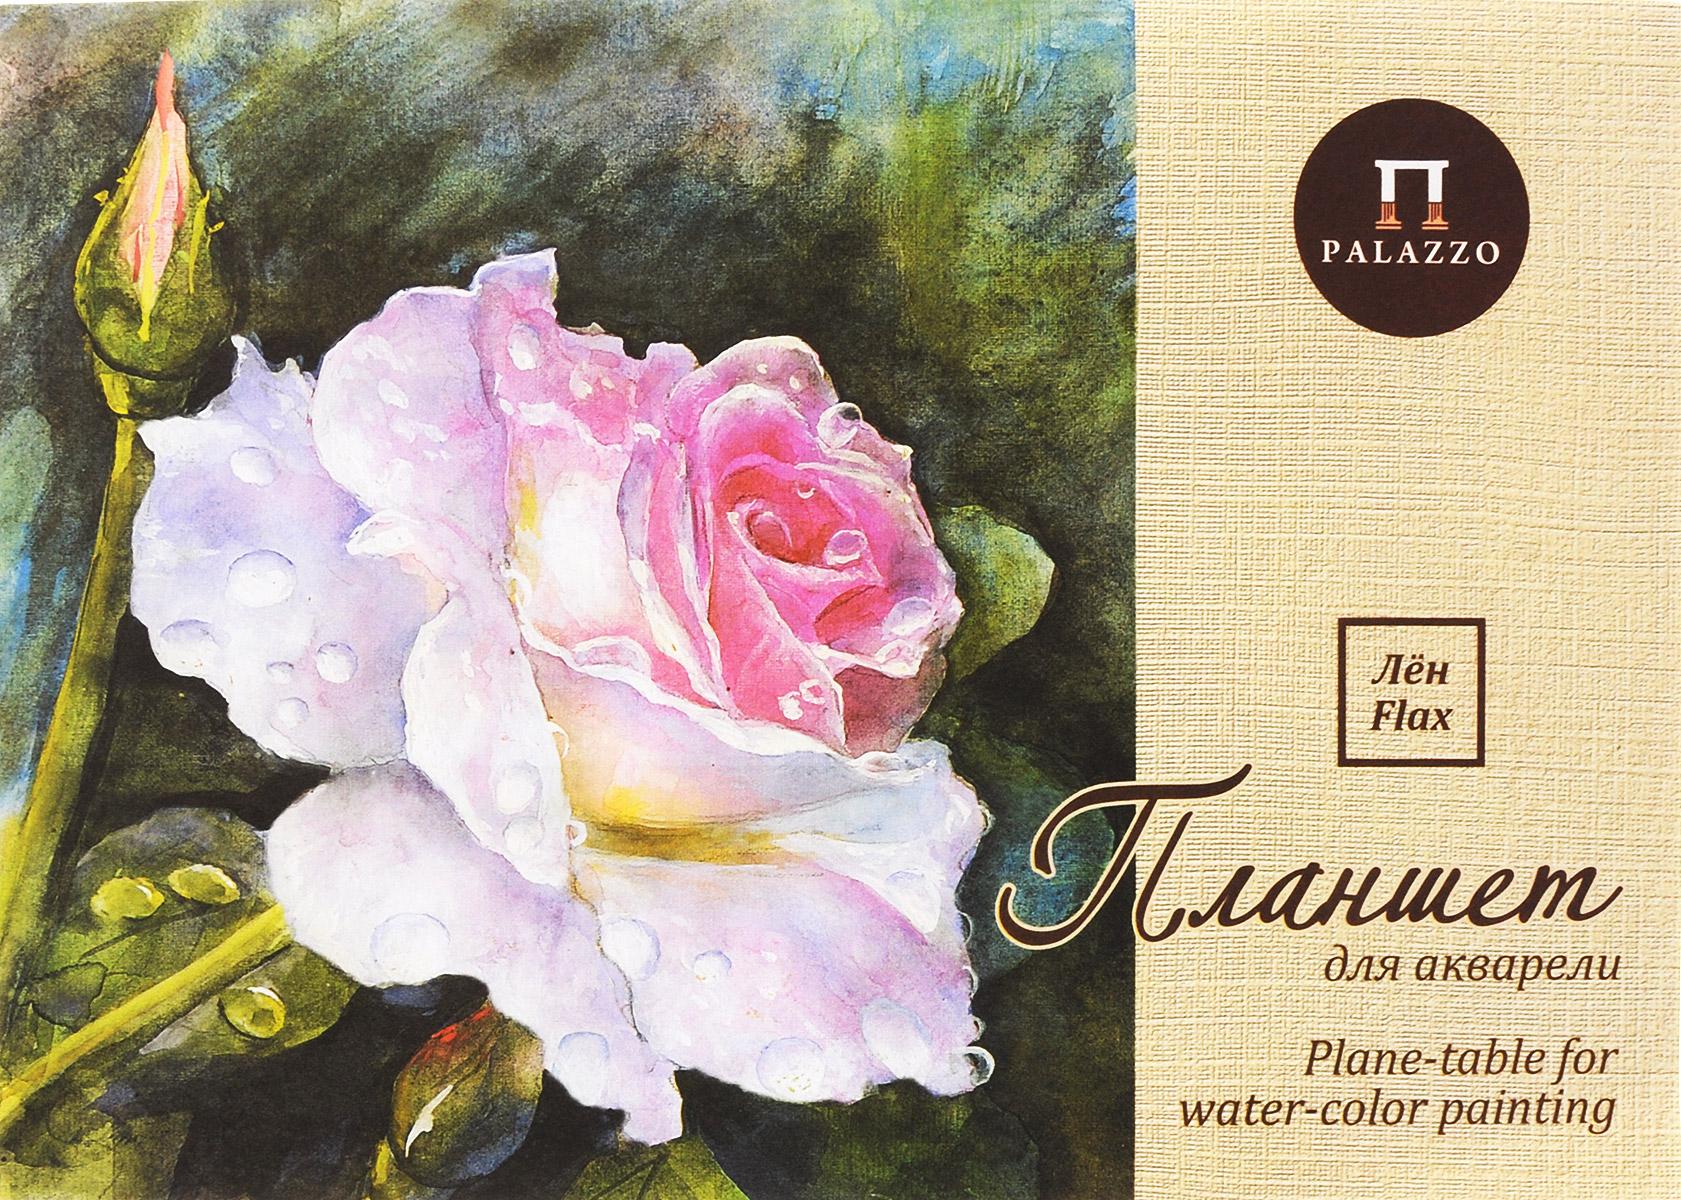 Palazzo Планшет для акварели Розовый сад 20 листов72523WDПланшет для акварели Palazzo Розовый сад состоит из 20 листов бумаги картонной тисненой Лен палевый плотностью 200 г/м2.Бумага предназначена для акварели и гуаши, подойдет также для рисования карандашами (чернографитными или цветными), различными мягкими художественными материалами, пастелью, чернилами. Листы внутреннего блока проклеены по корешку. Основание альбома выполнено из жесткого картона для удобства рисования.